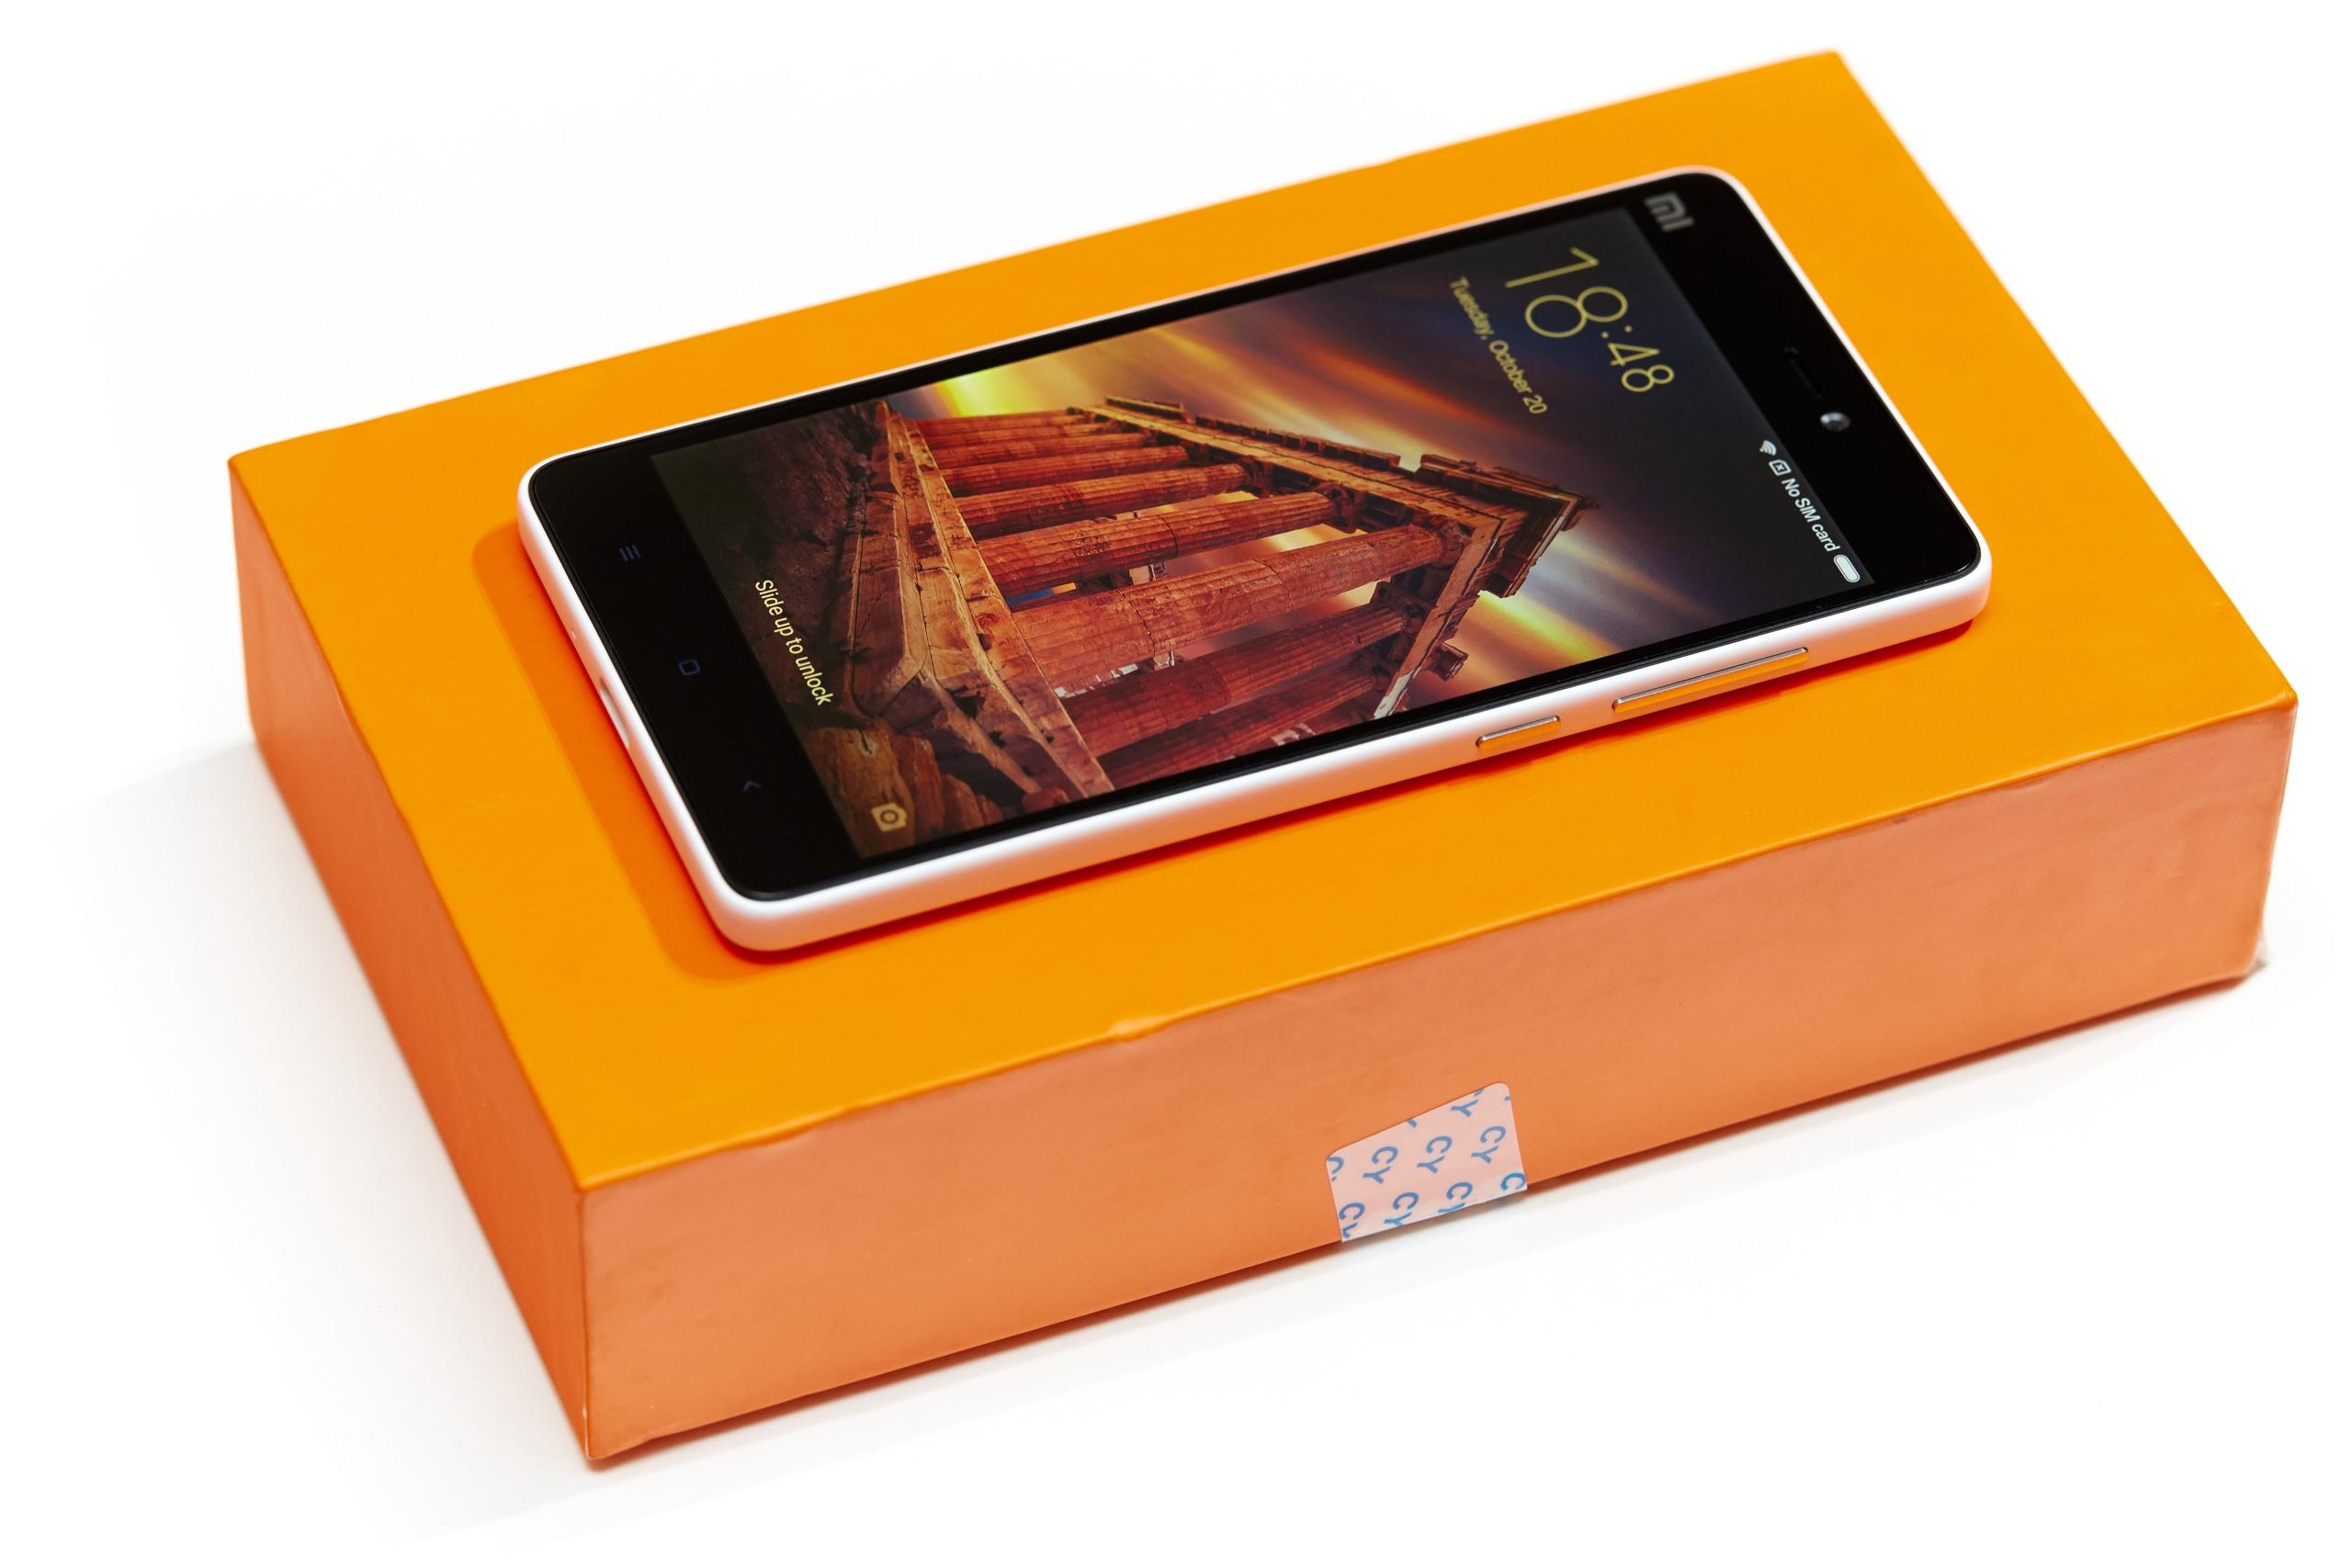 Xiaomi Mi 4c Gnstiges Smartphone Mit Usb Type C Im Test 3gb 32gb White Die Verpackung Kommt Peppigen Orange Daher